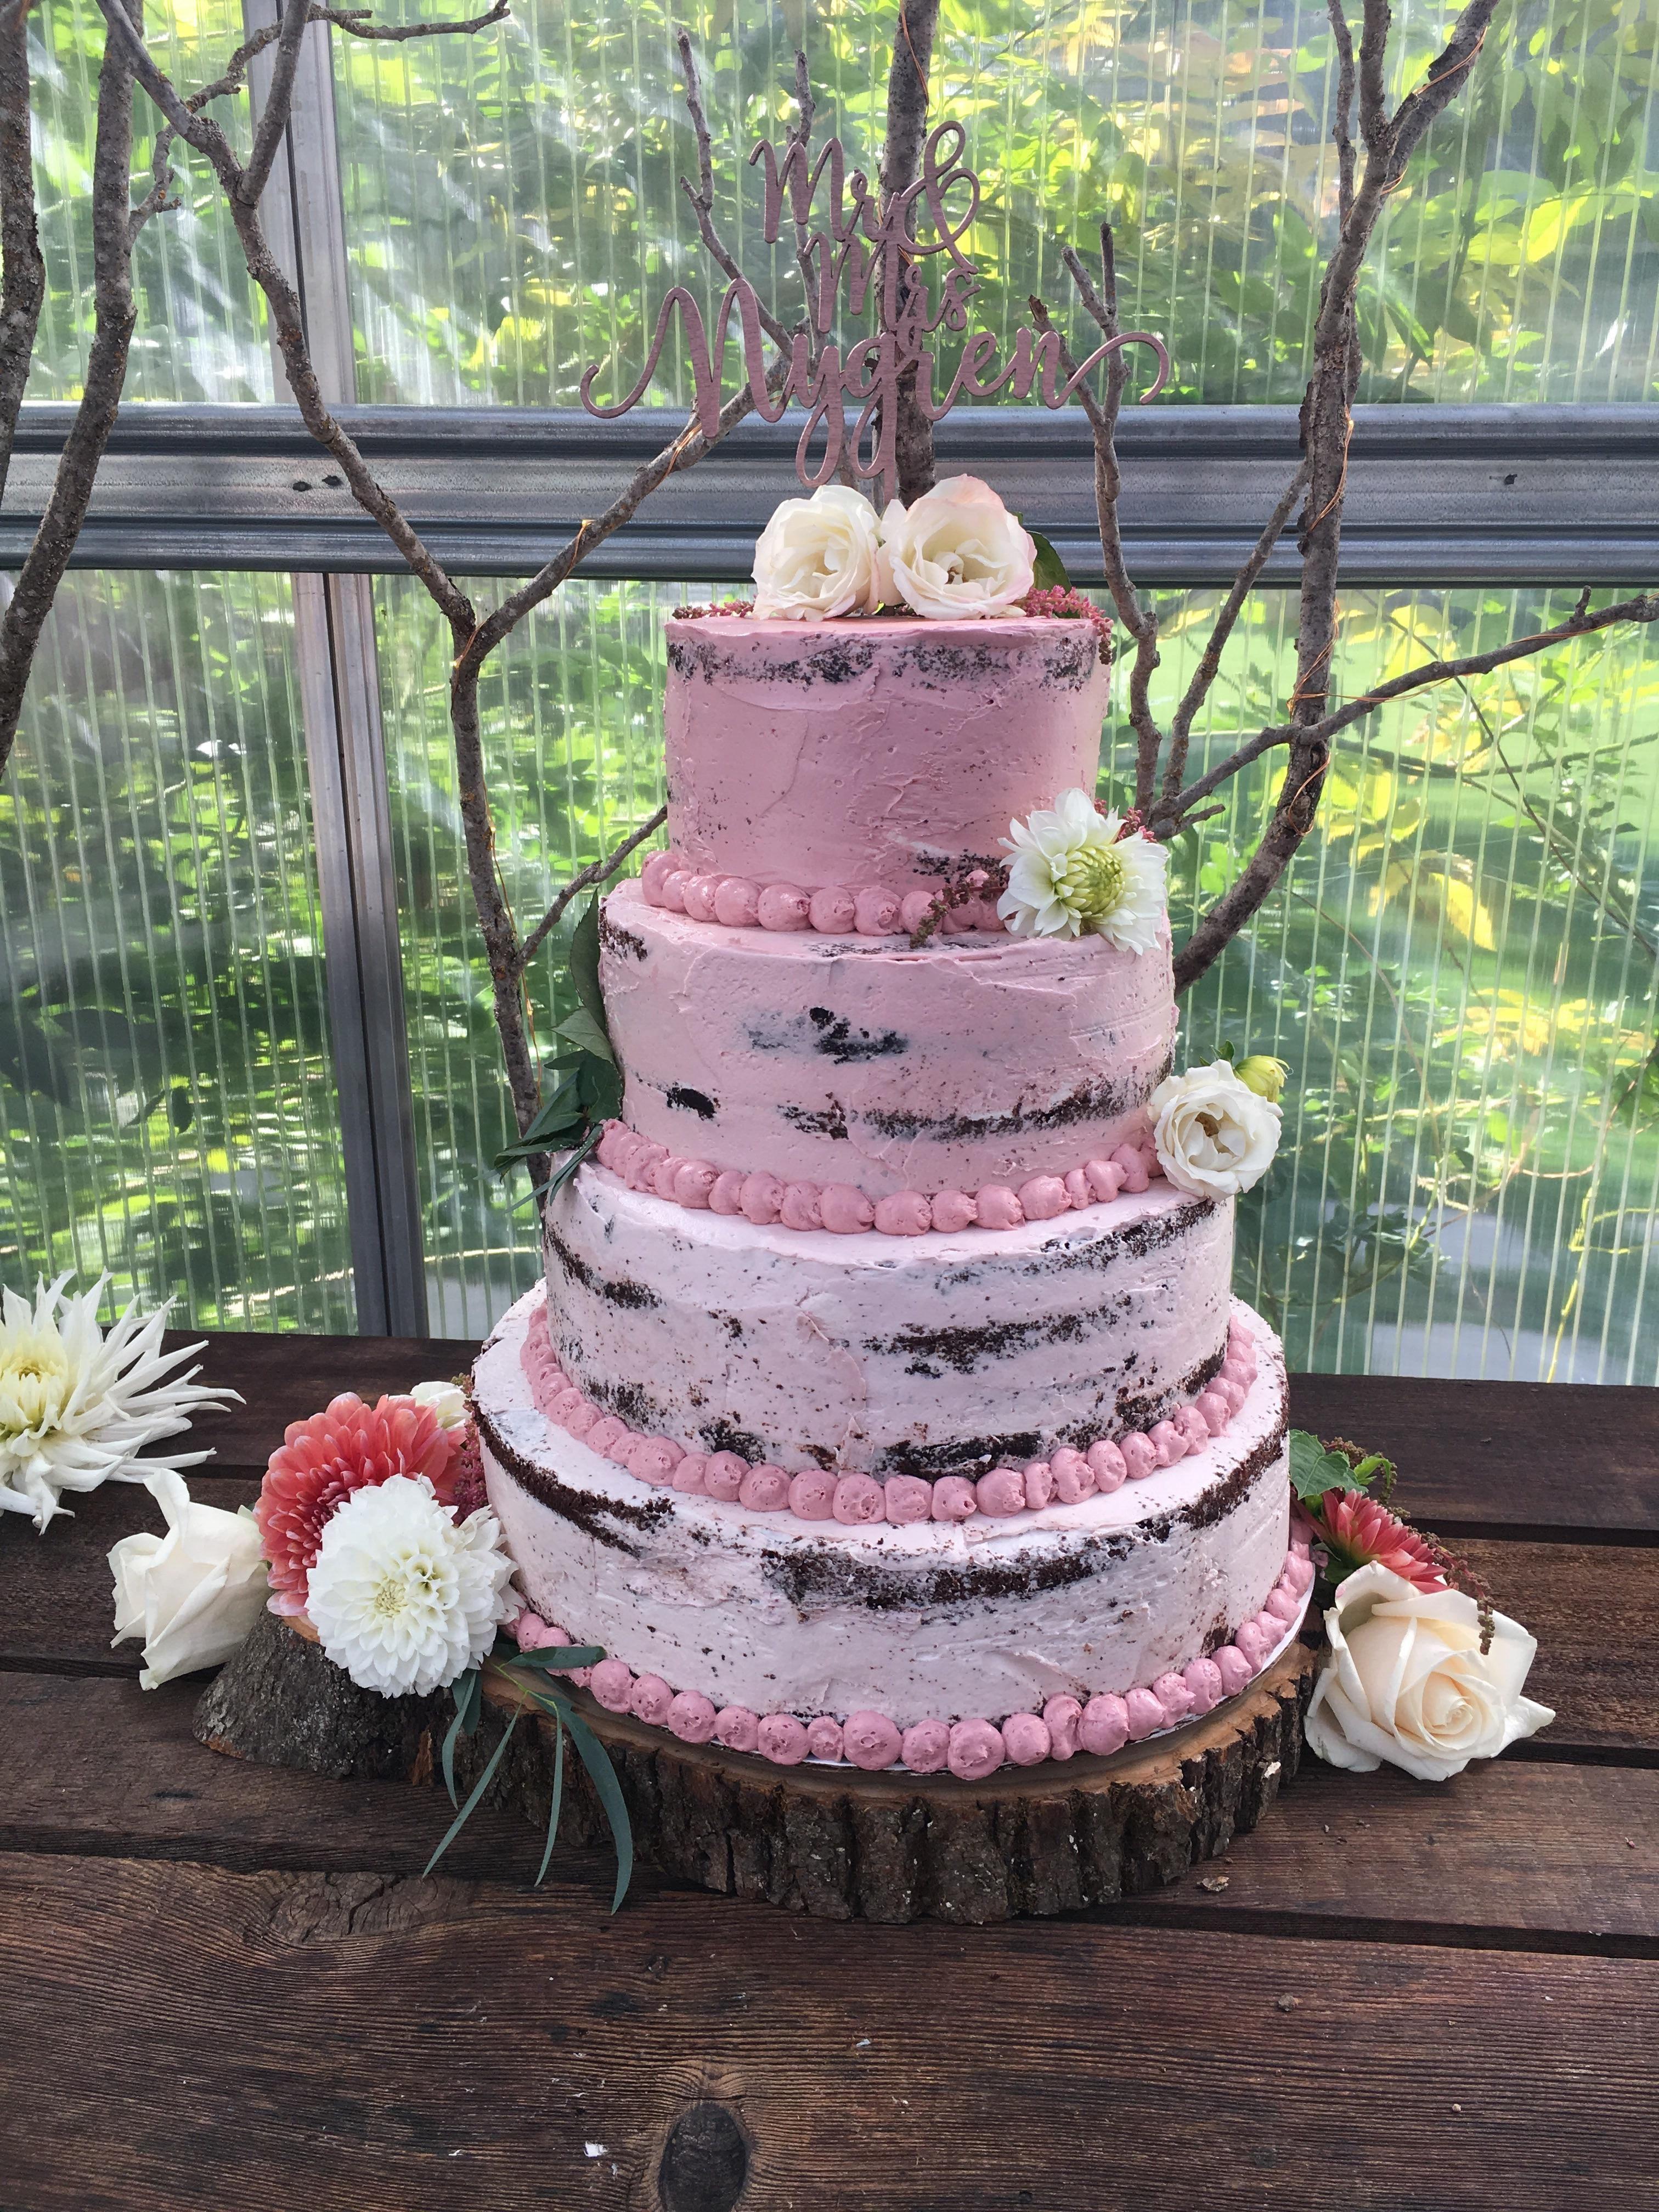 [Homemade] I made my sisters wedding cake (Half Naked